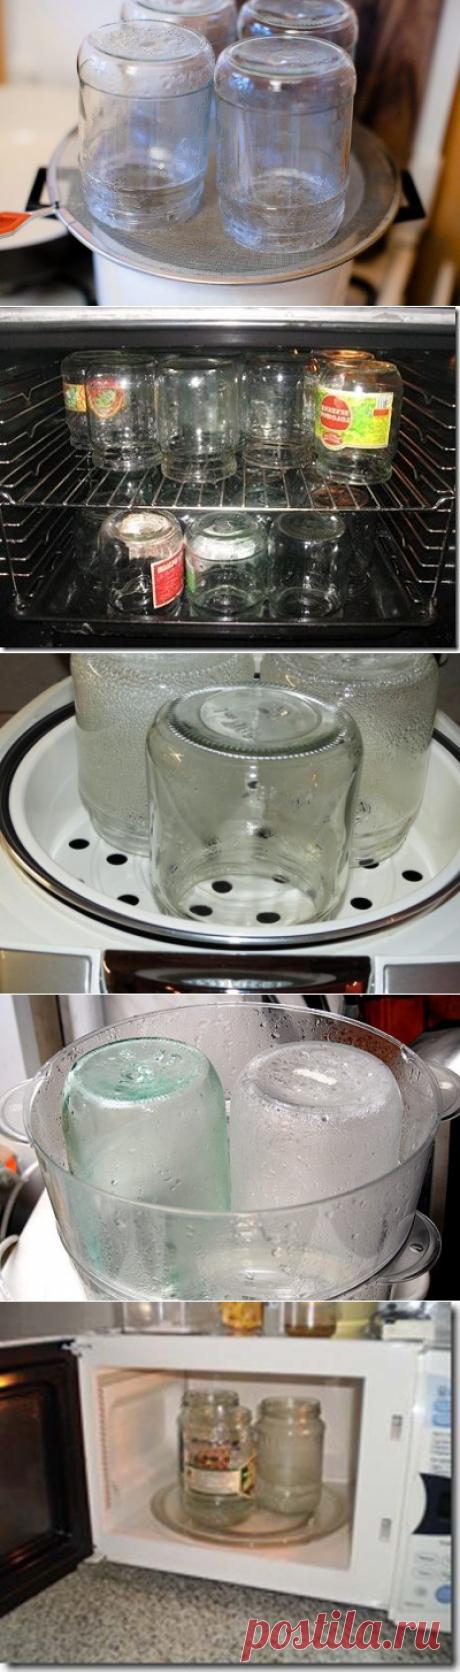 5 способов стерилизации банок